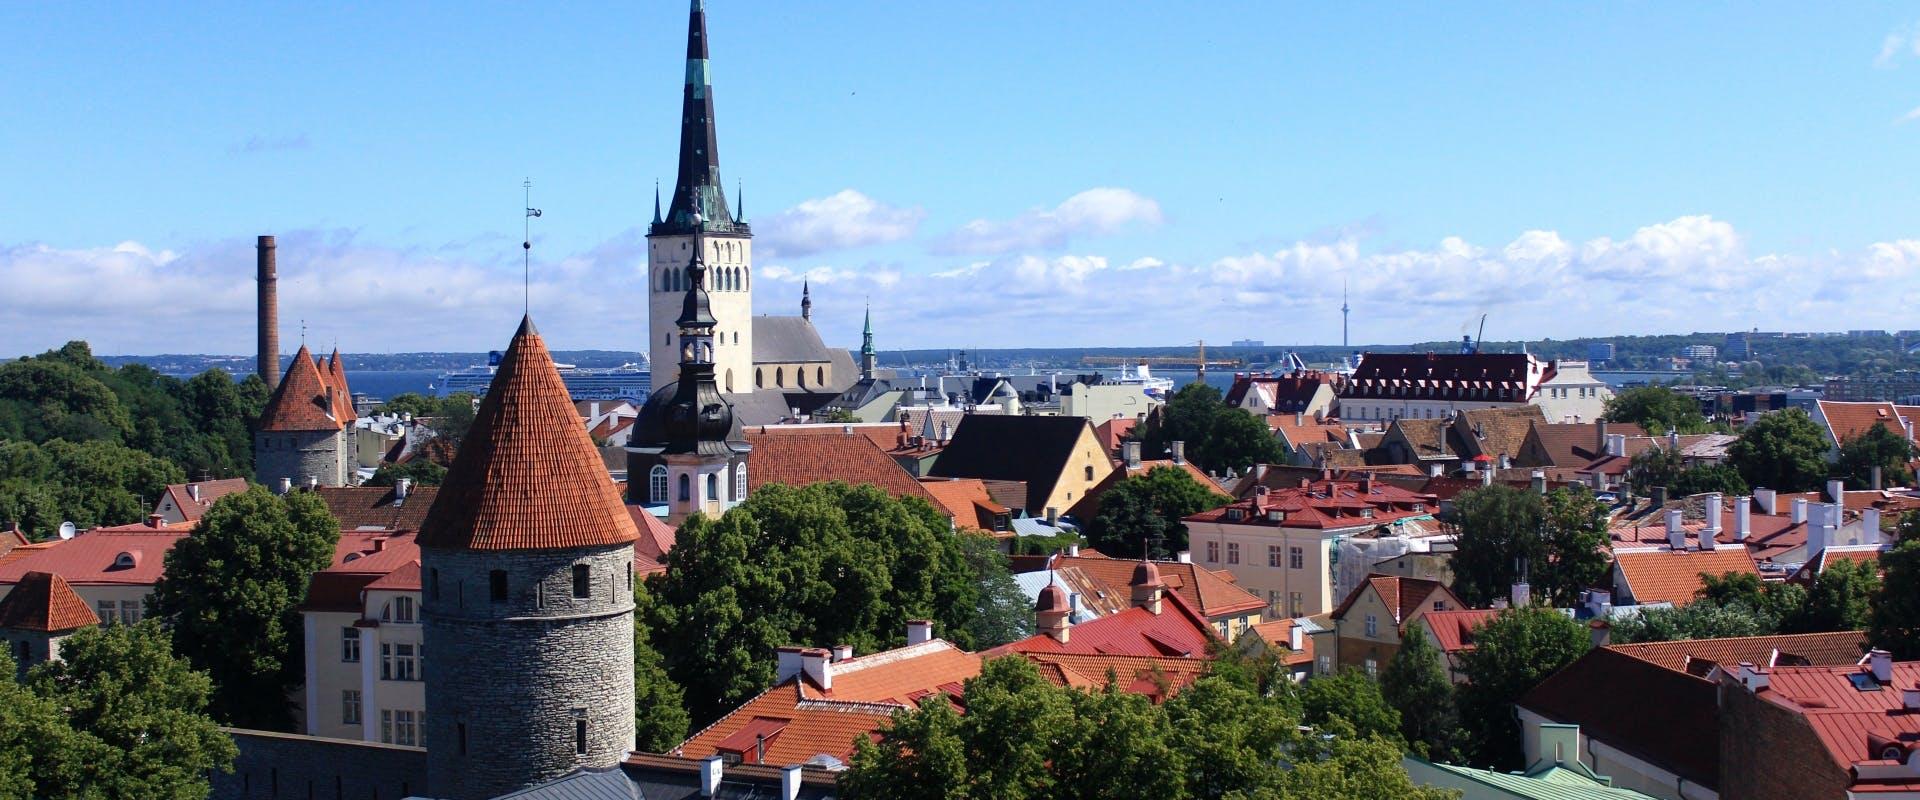 タリン(エストニア)タリン